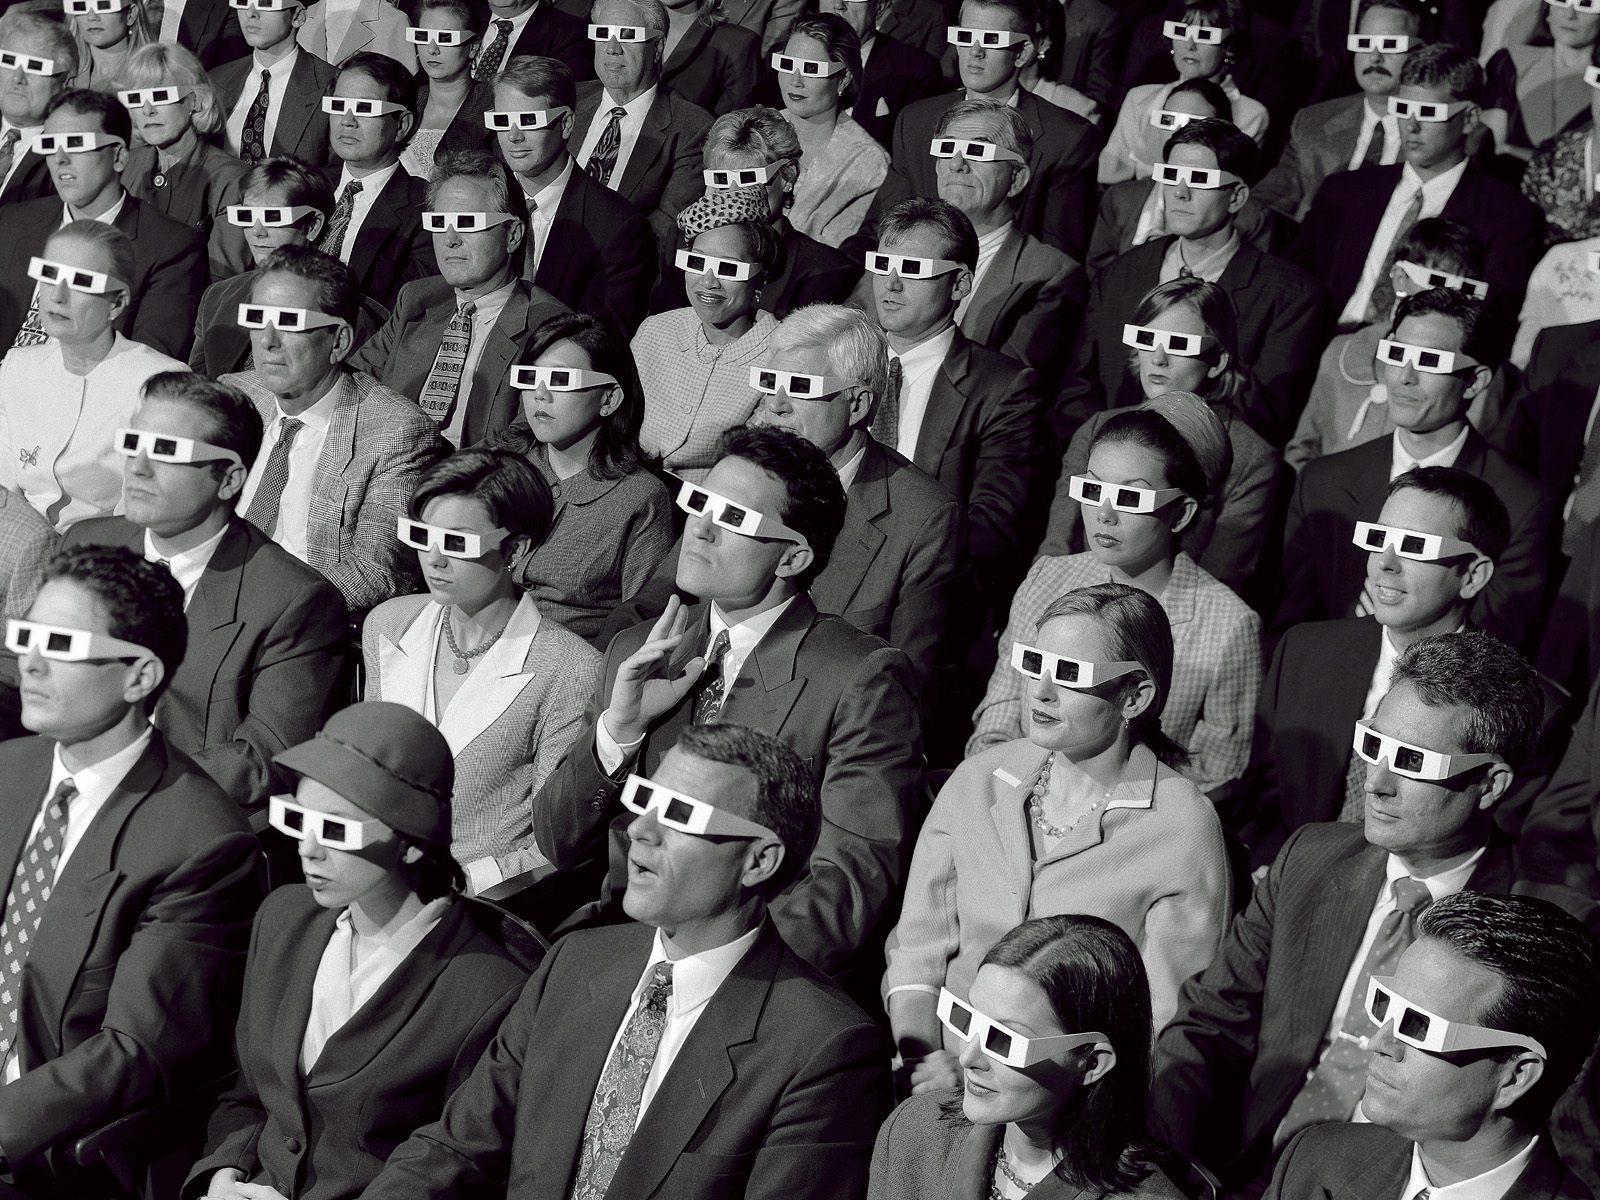 cinema-filmes-passeidireto